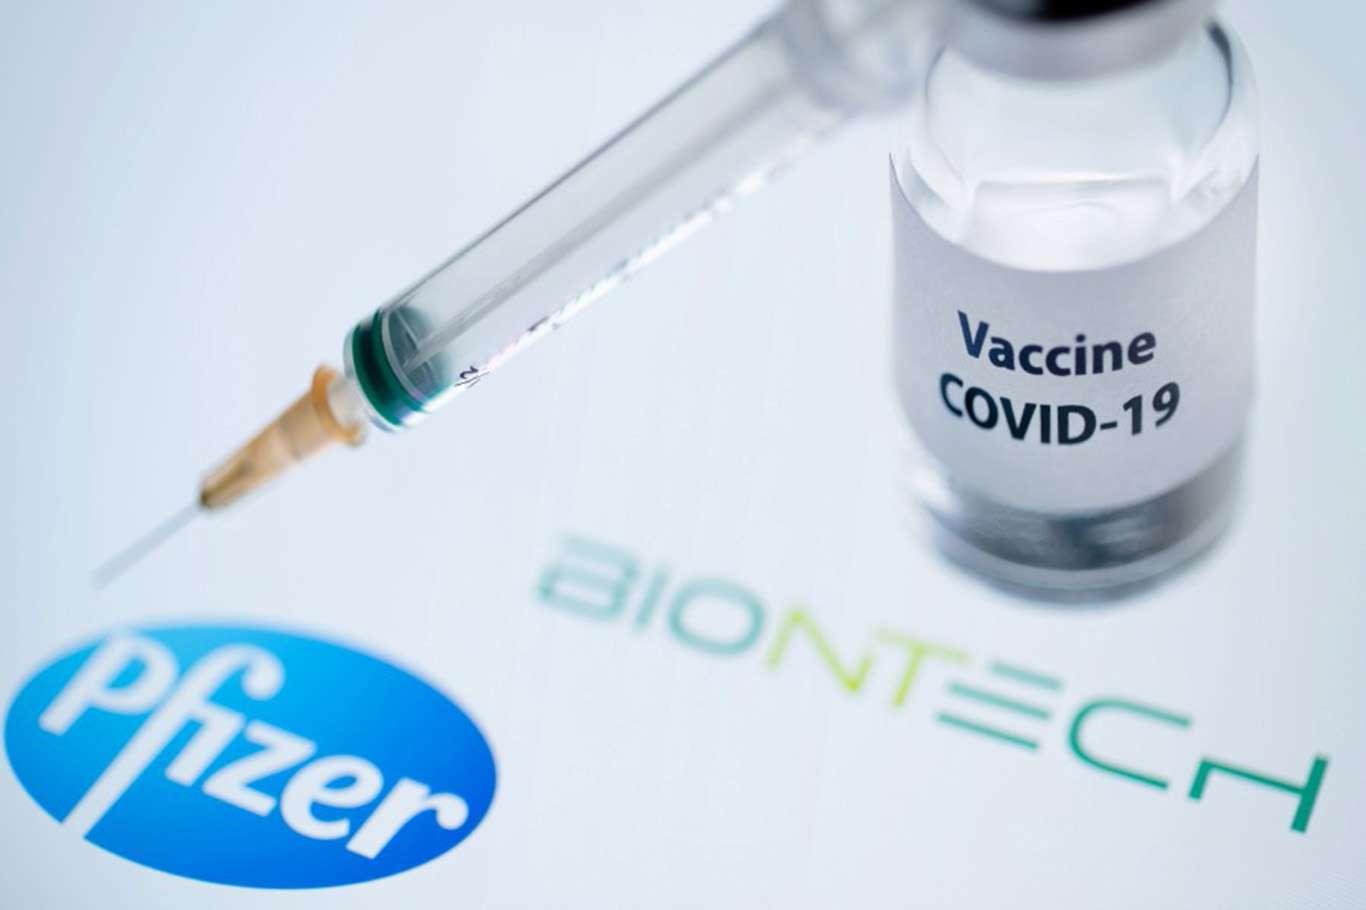 Sağlık Bakanı Fahrettin Kocadan Biontech aşısı açıklaması